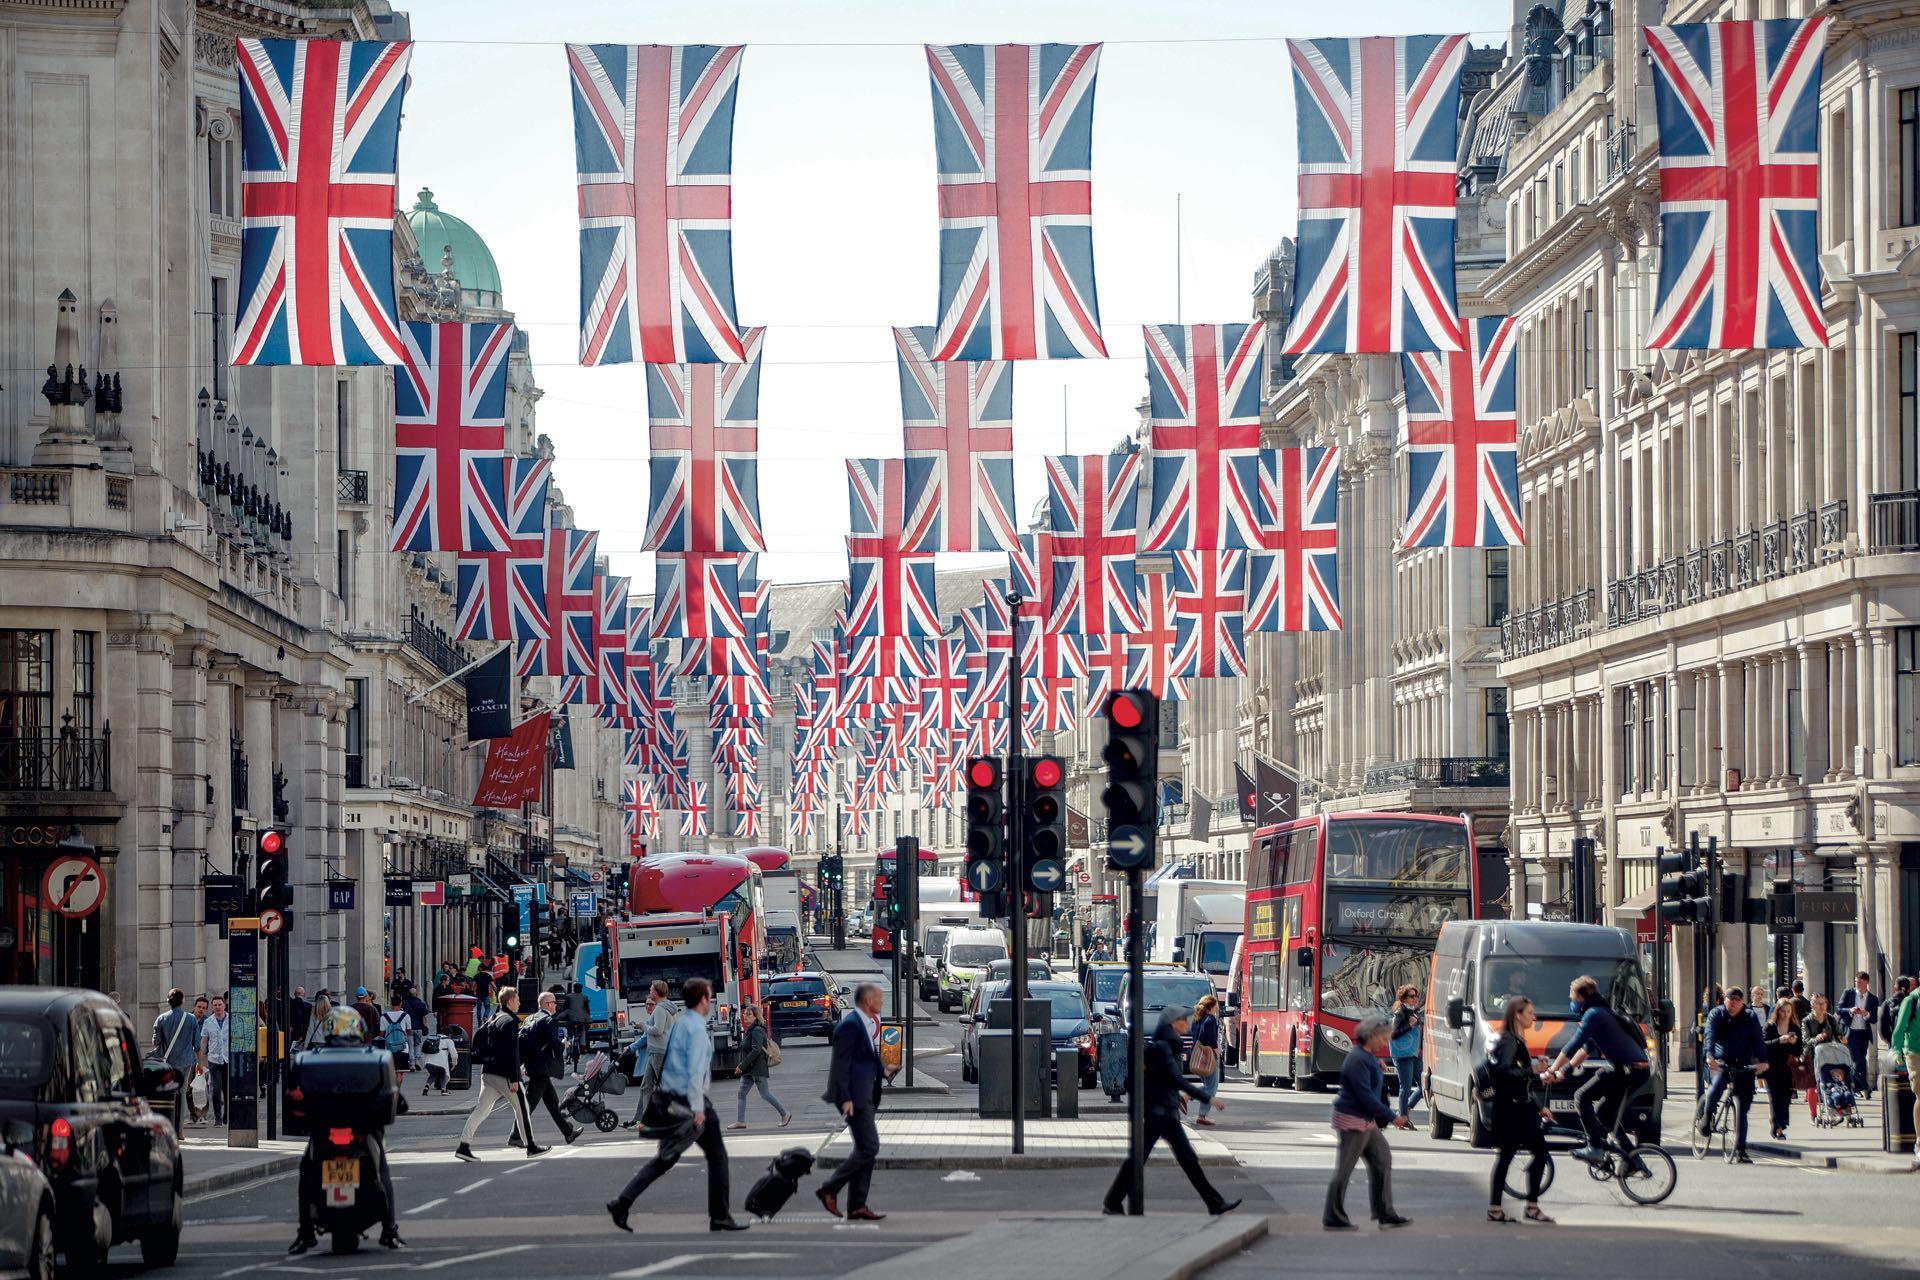 Las calles de Londres preparadas para la gran boda real.